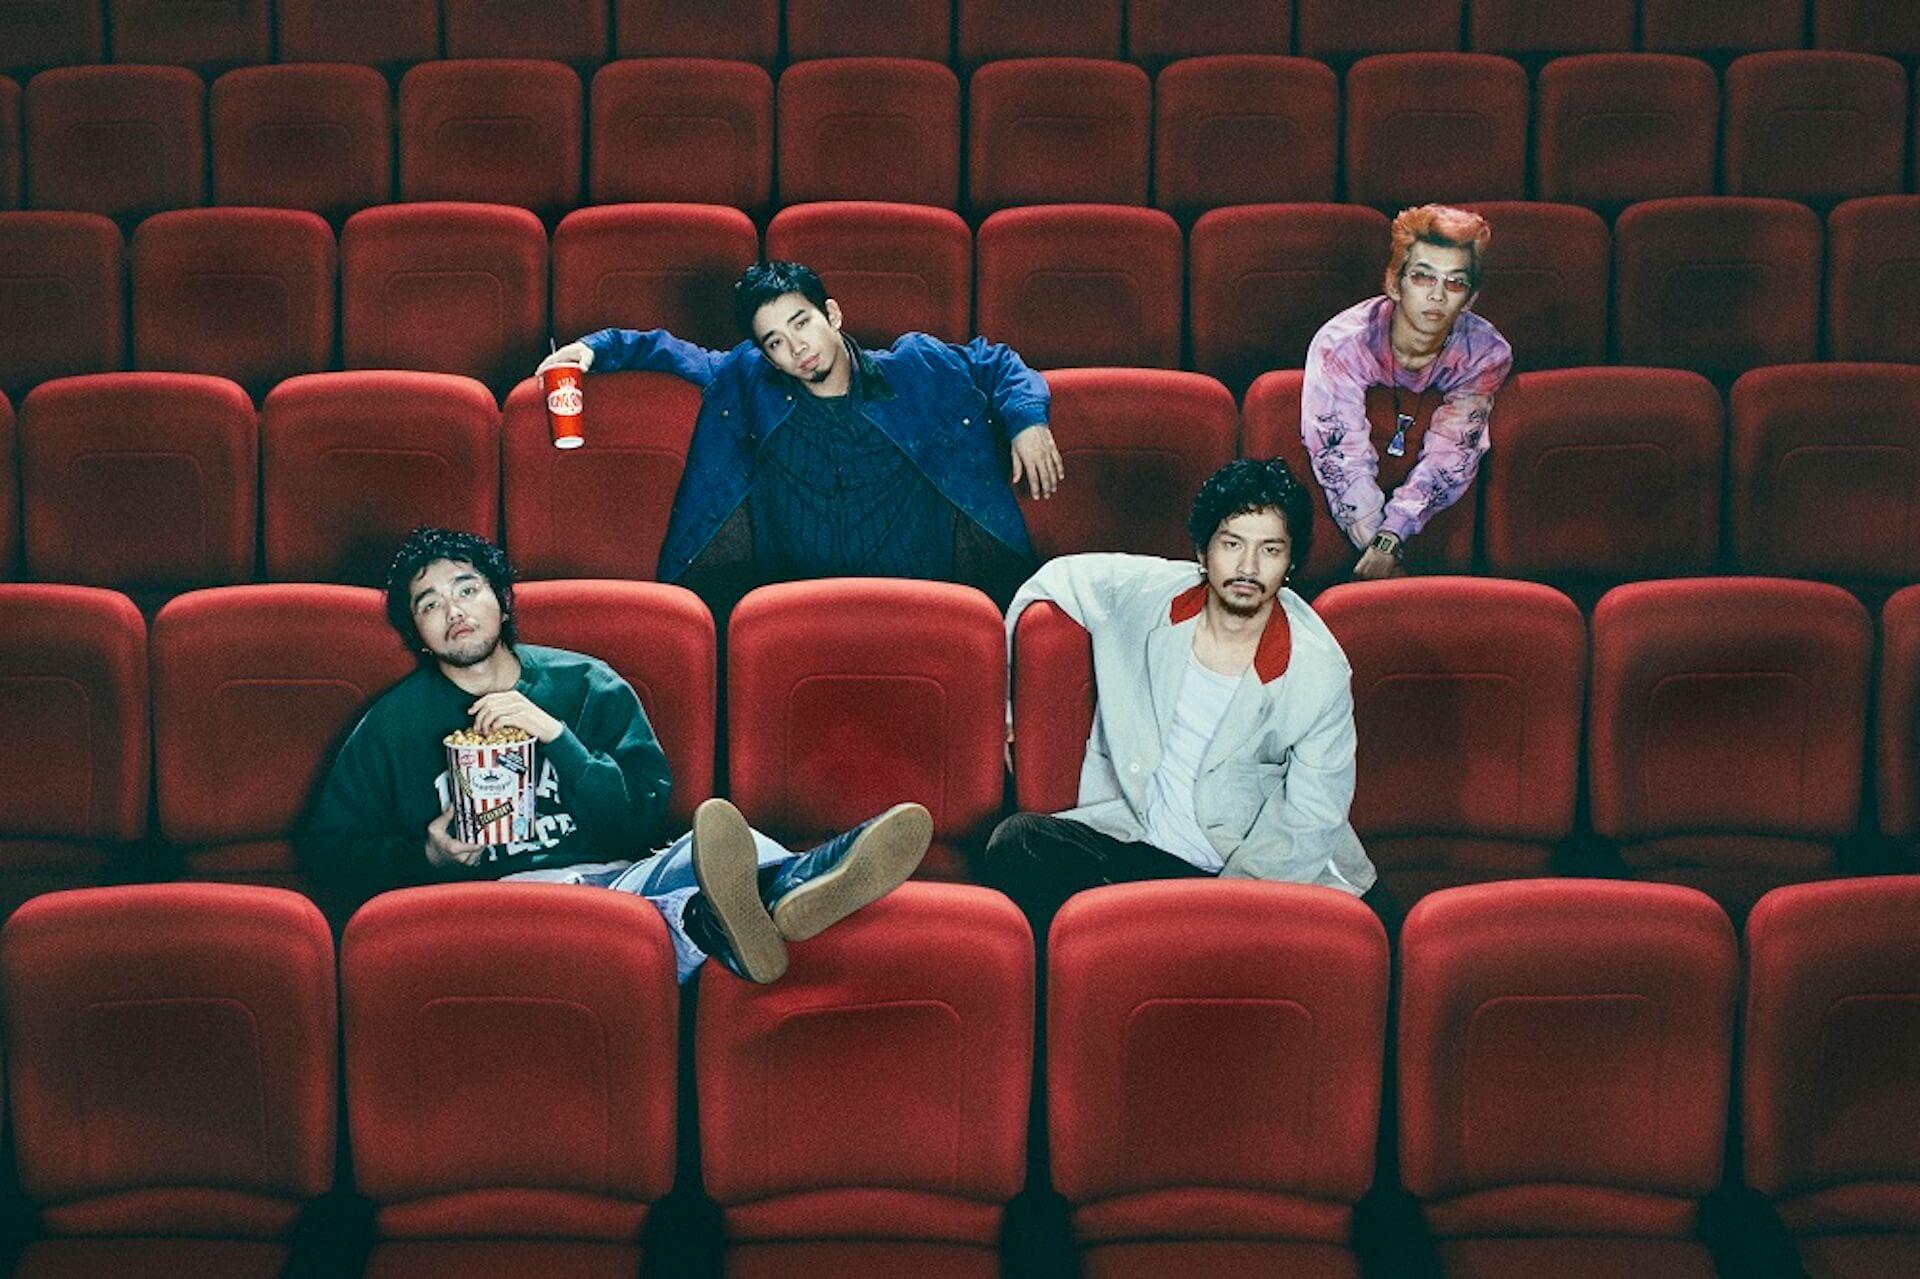 King Gnu、ドキュメンタリー調でメンバーのプライベートに迫る「Teenager Forever」のミュージックビデオを公開 music200109_kinggnu_mv_2